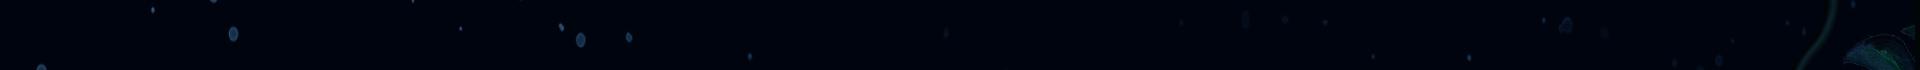 钻石项链_03_02.jpg